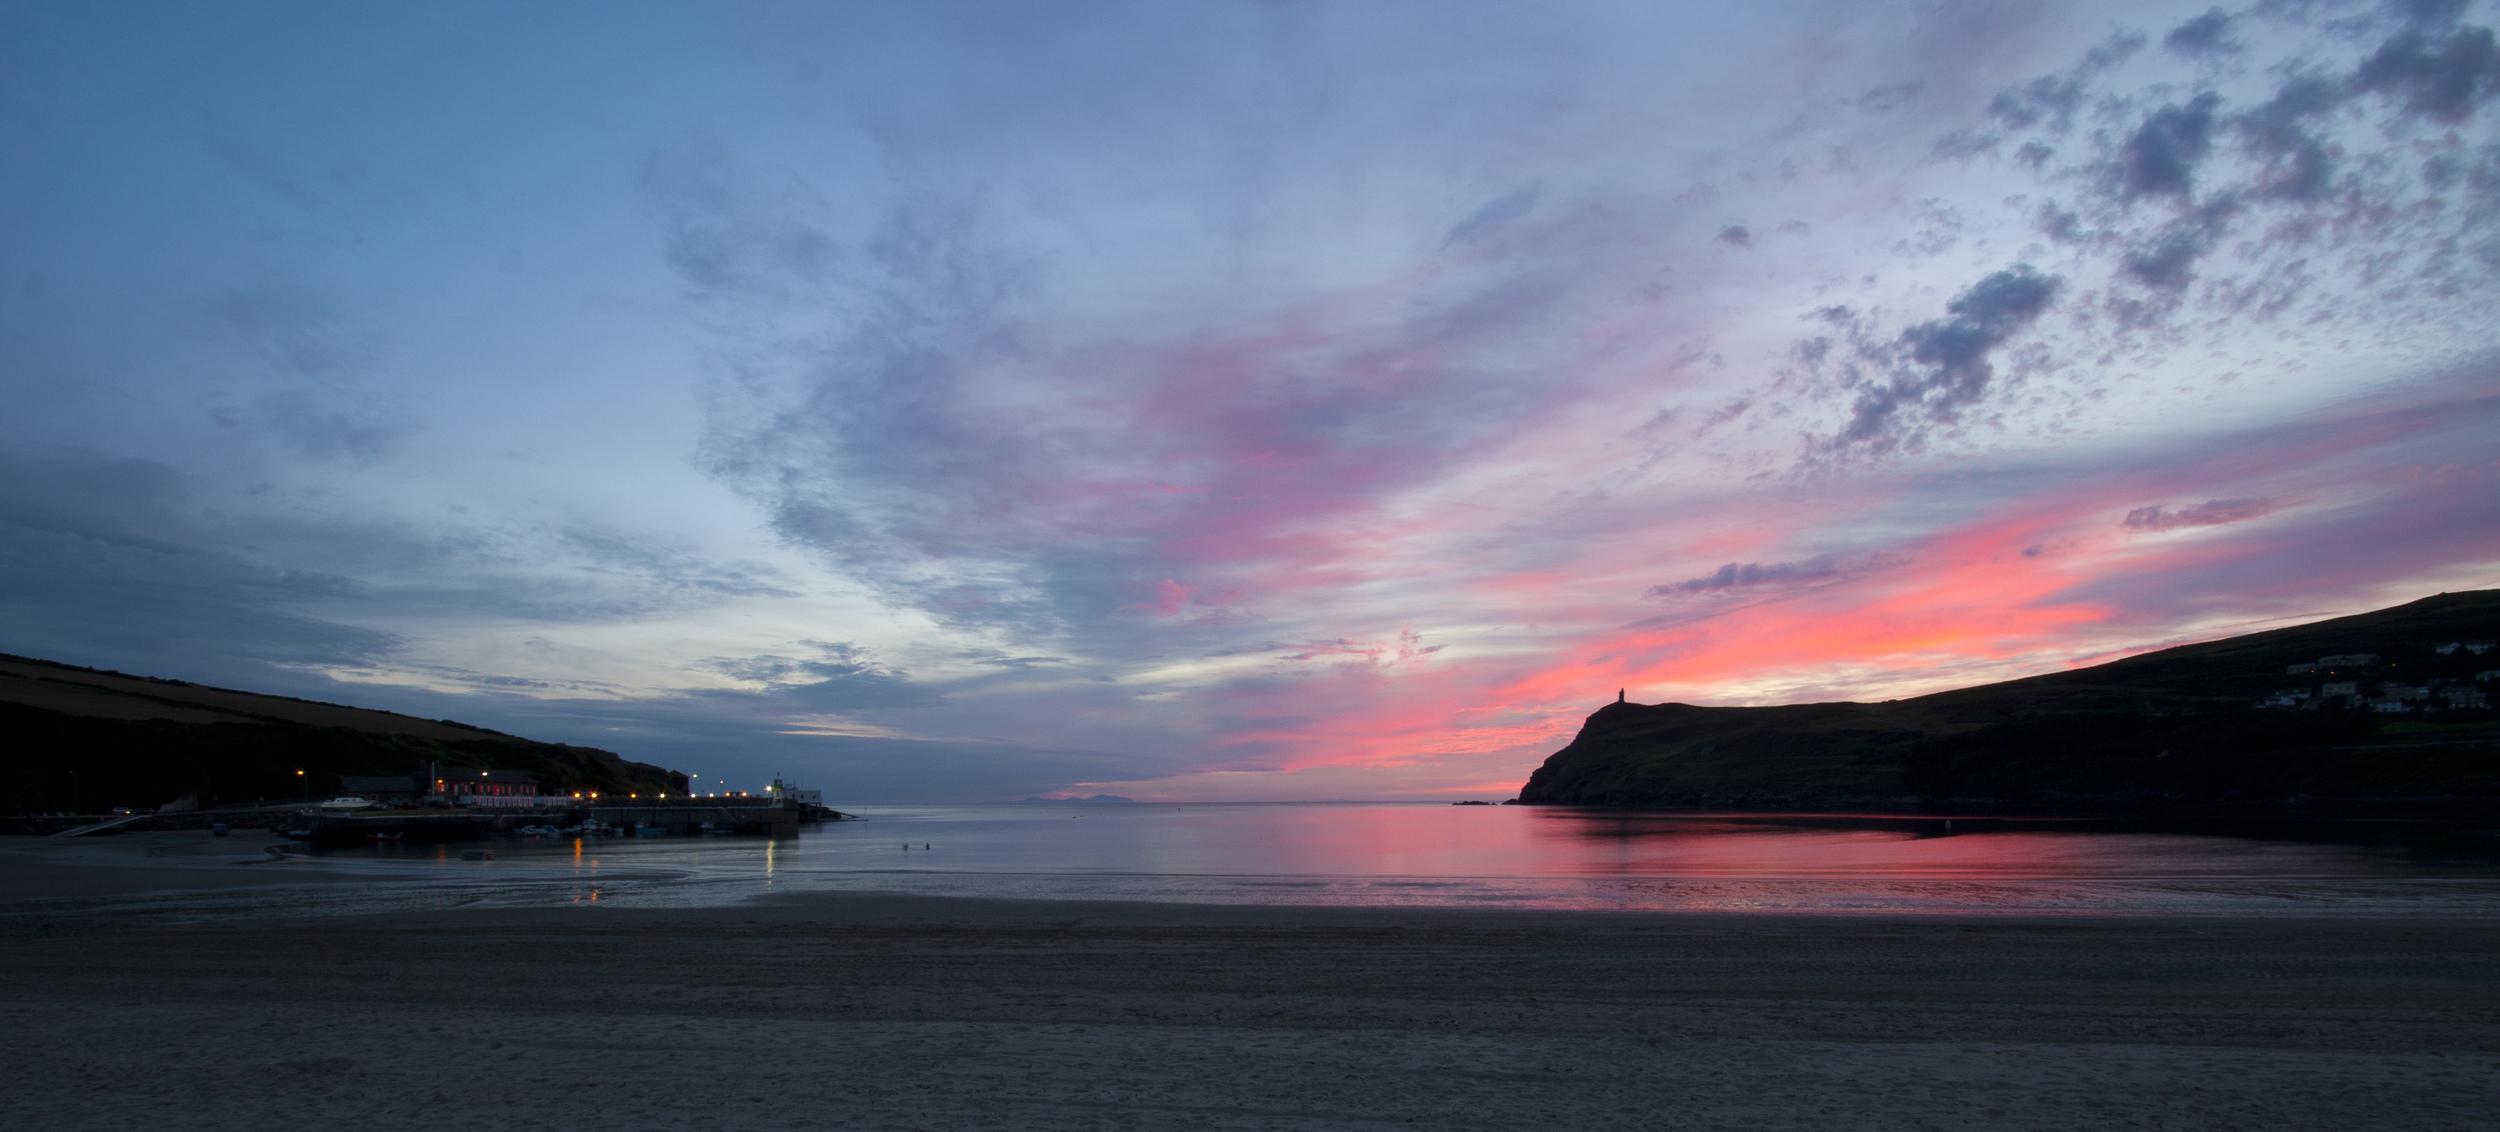 Twilight Pastel Sunset